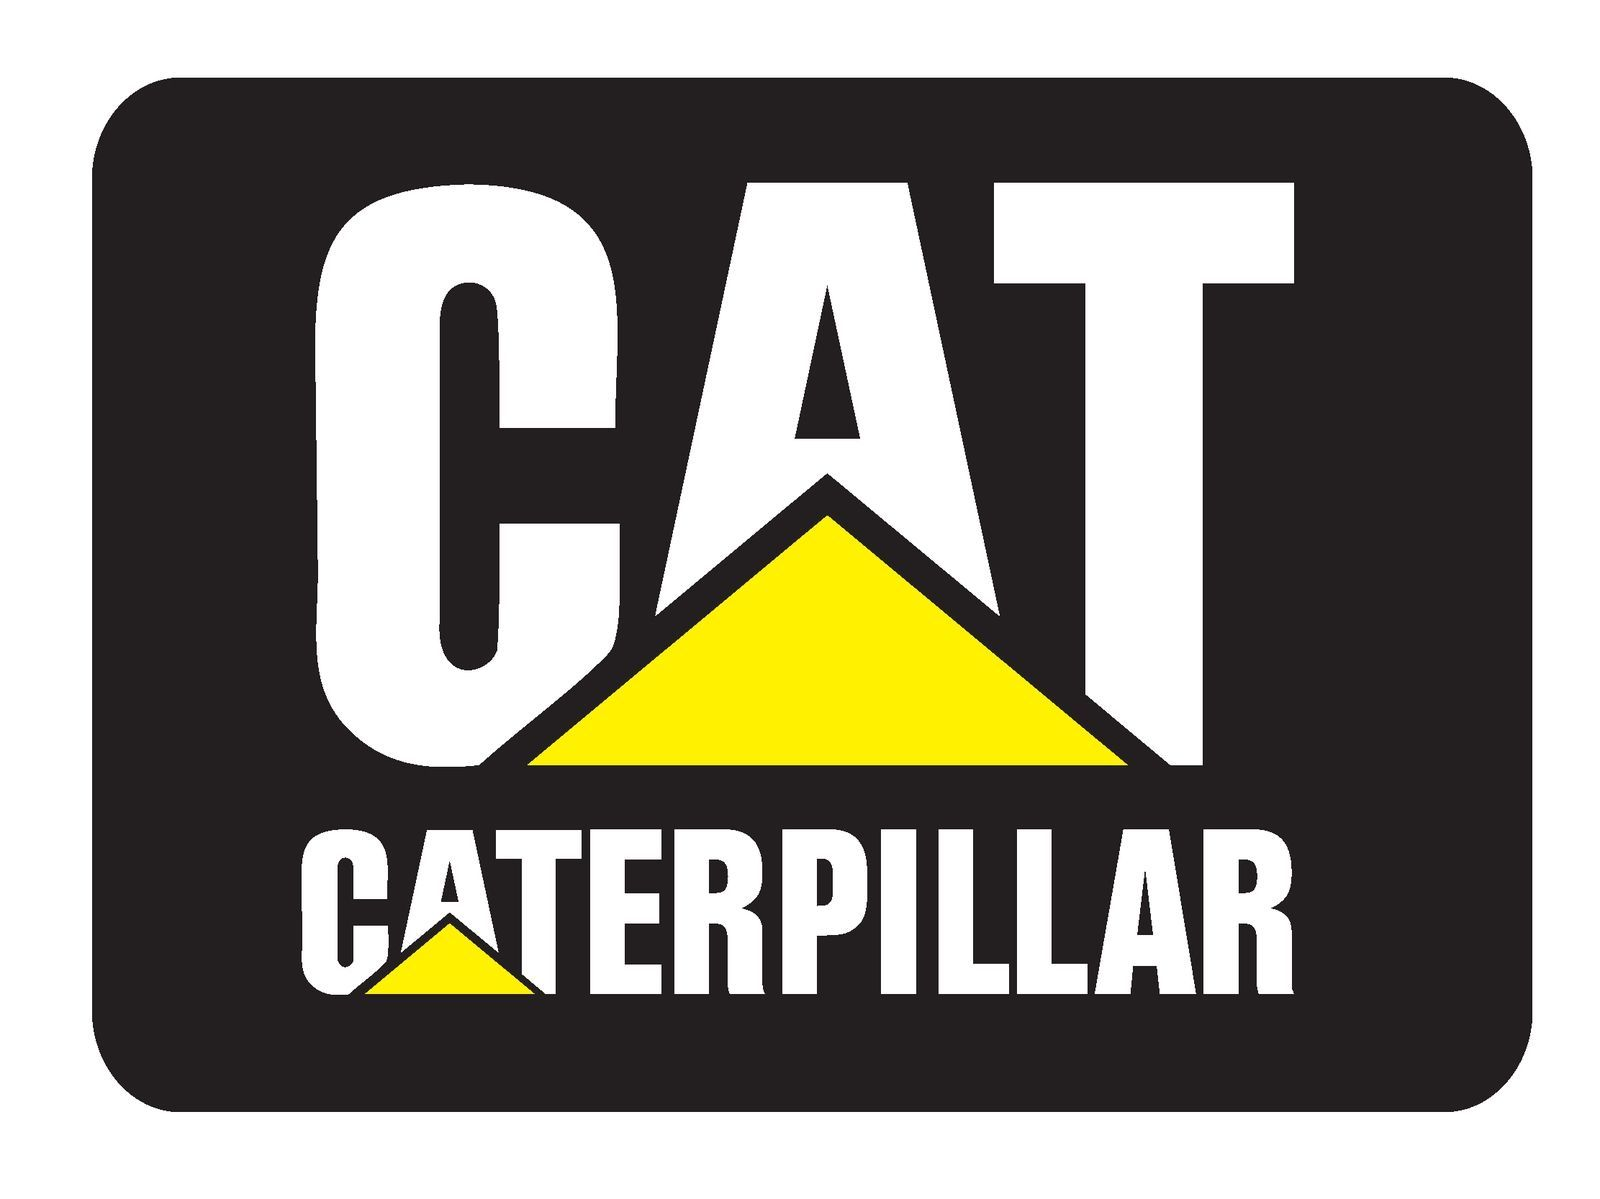 Caterpillar Vinyl Decal Sticker 5 Sizes Cat Logo Caterpillar Equipment Logos